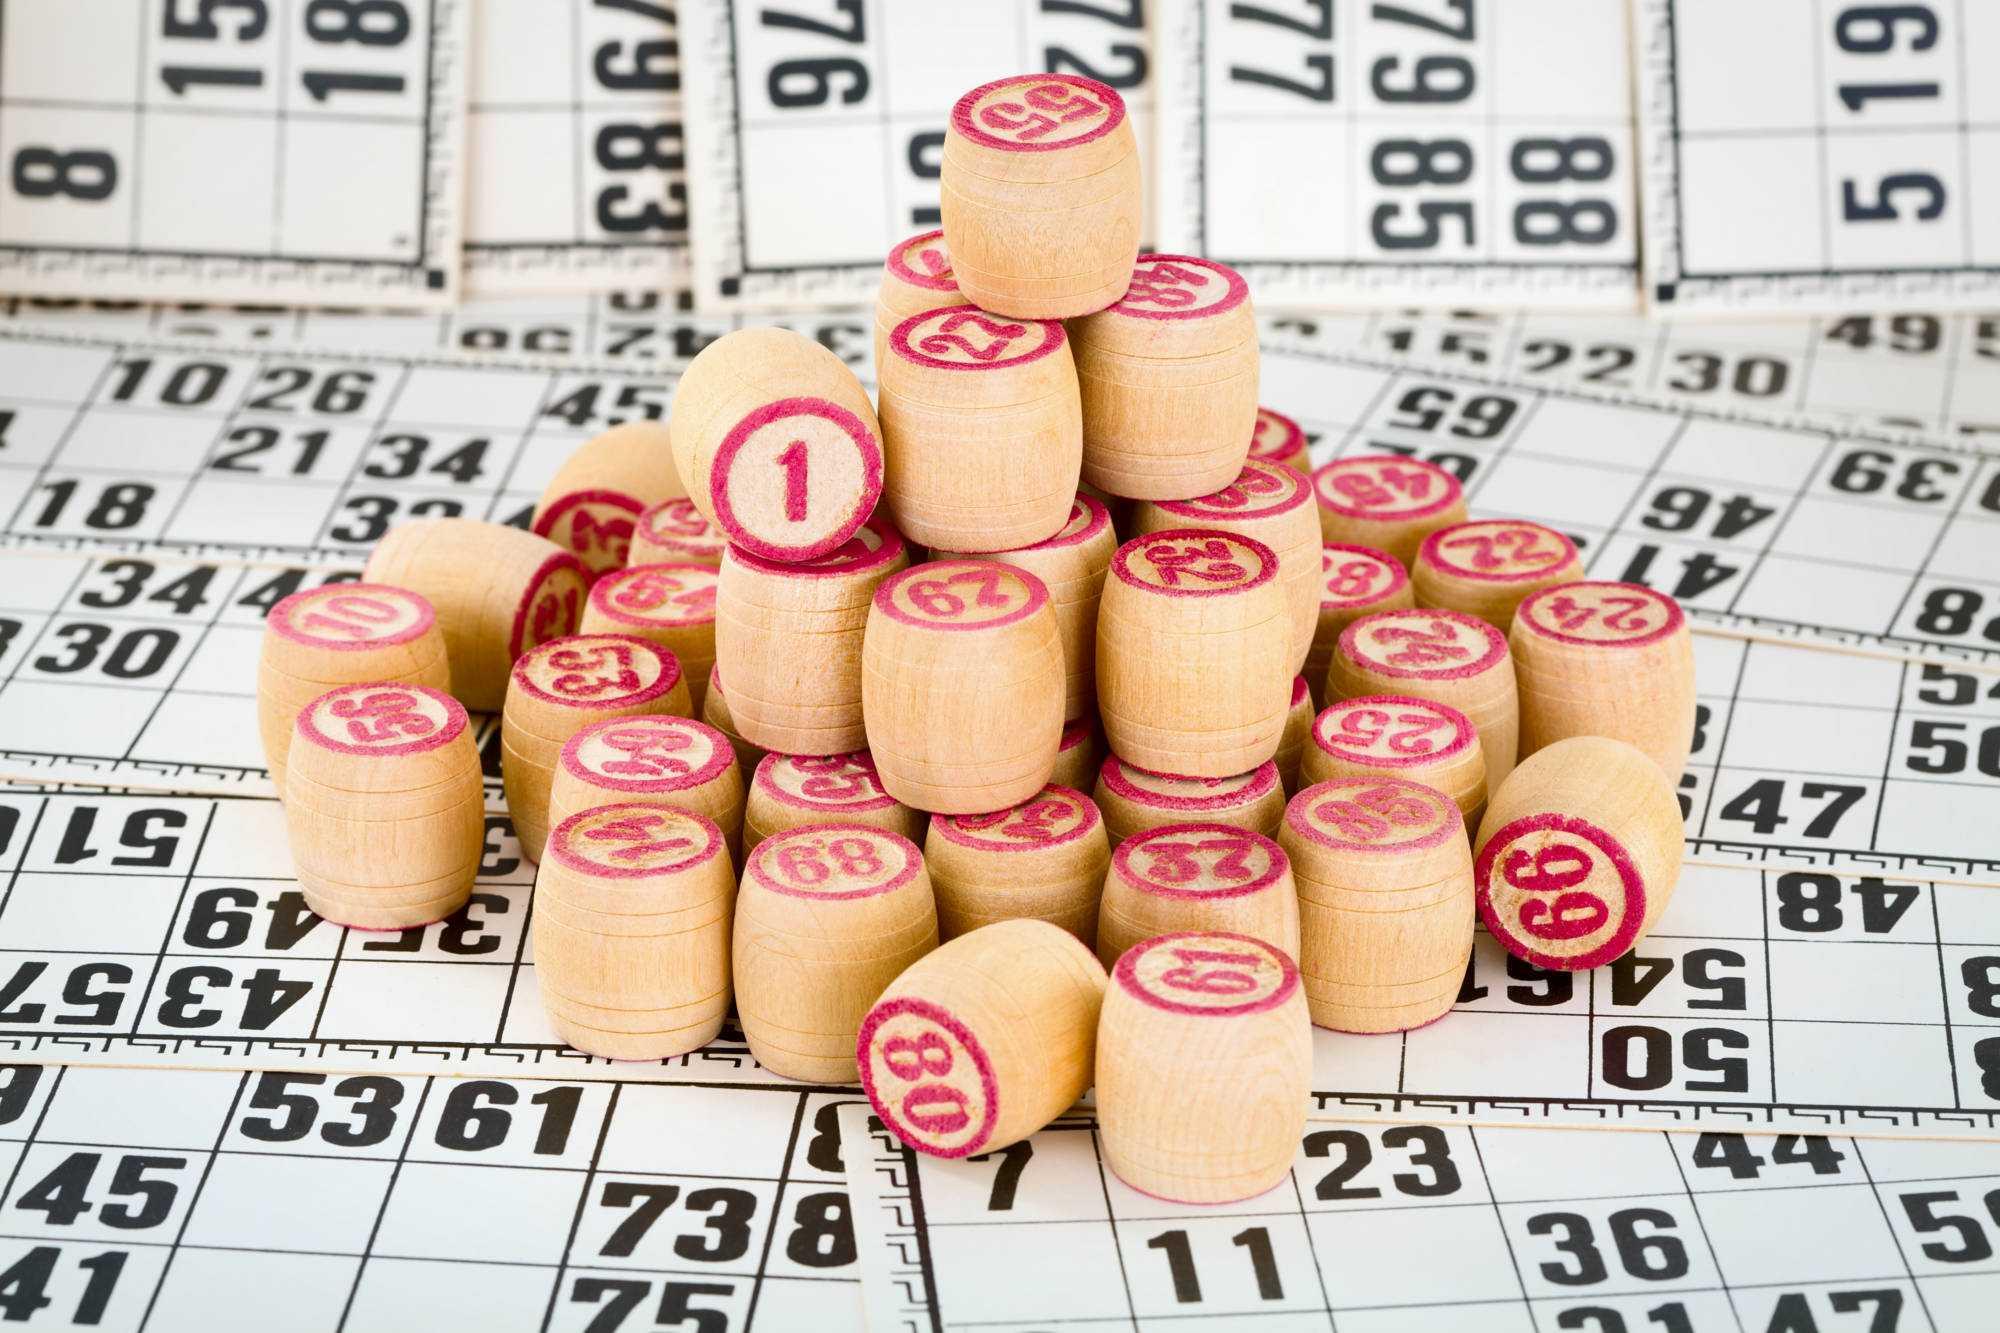 Как выиграть в лотерею: bốc thăm được tổ chức như thế nào, cơ hội may mắn